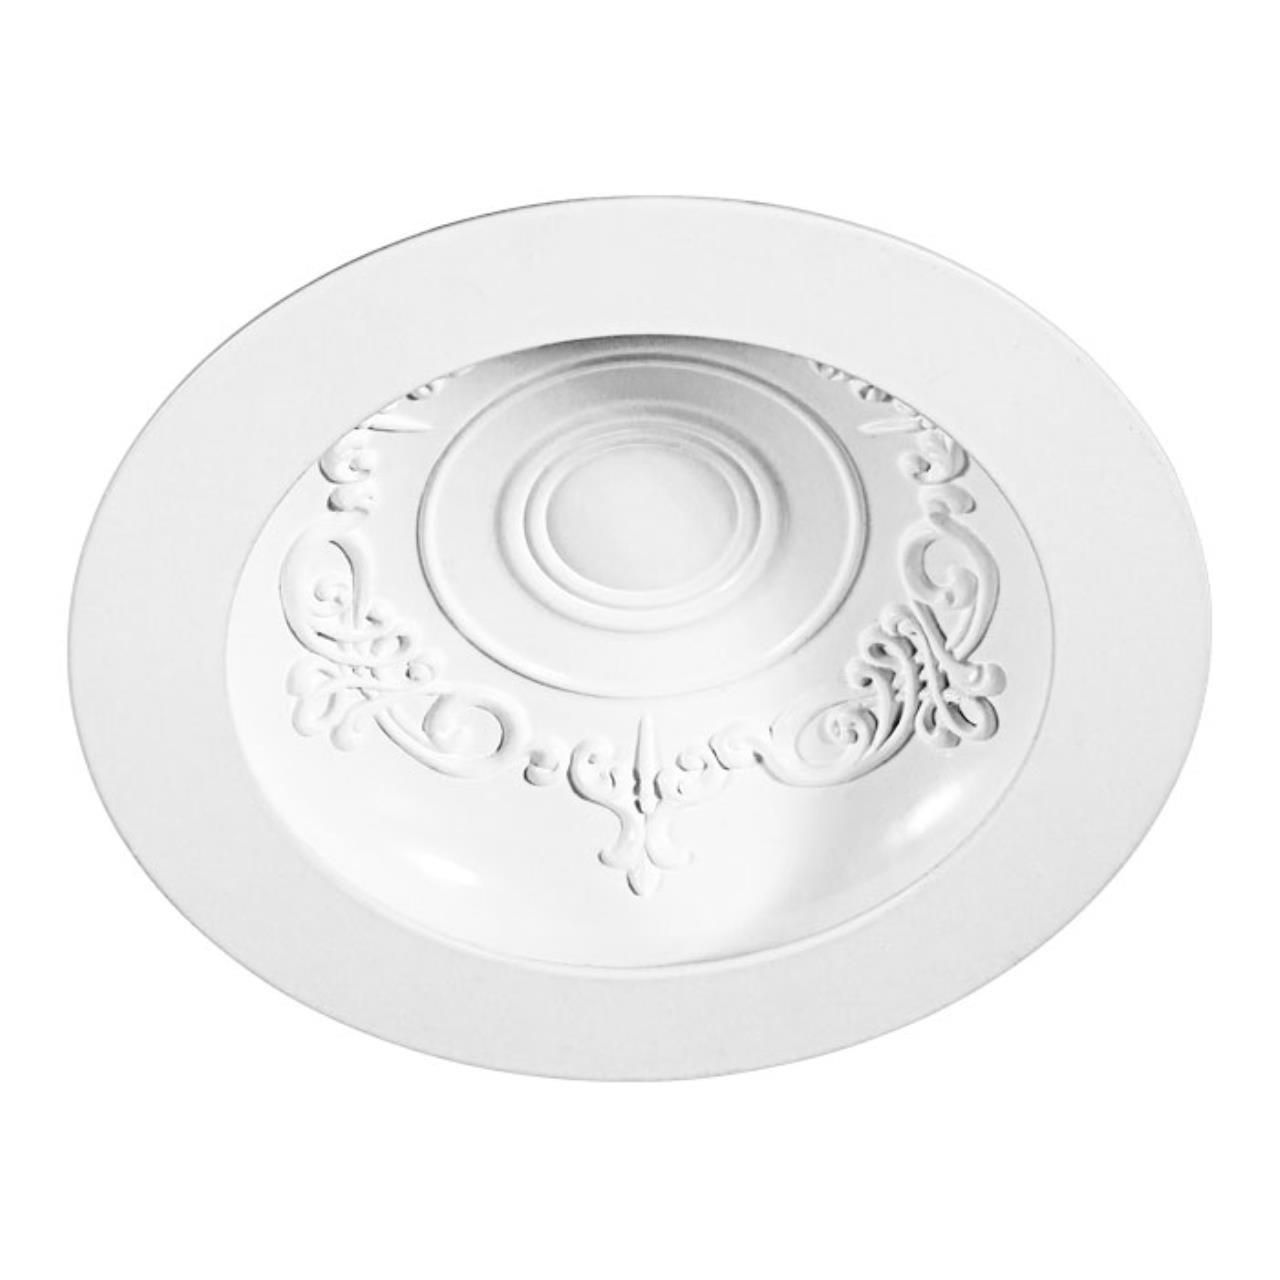 357358 SPOT NT17 141 белый Встраиваемый светильник IP20 LED 3000К 9W 85-265V GESSO